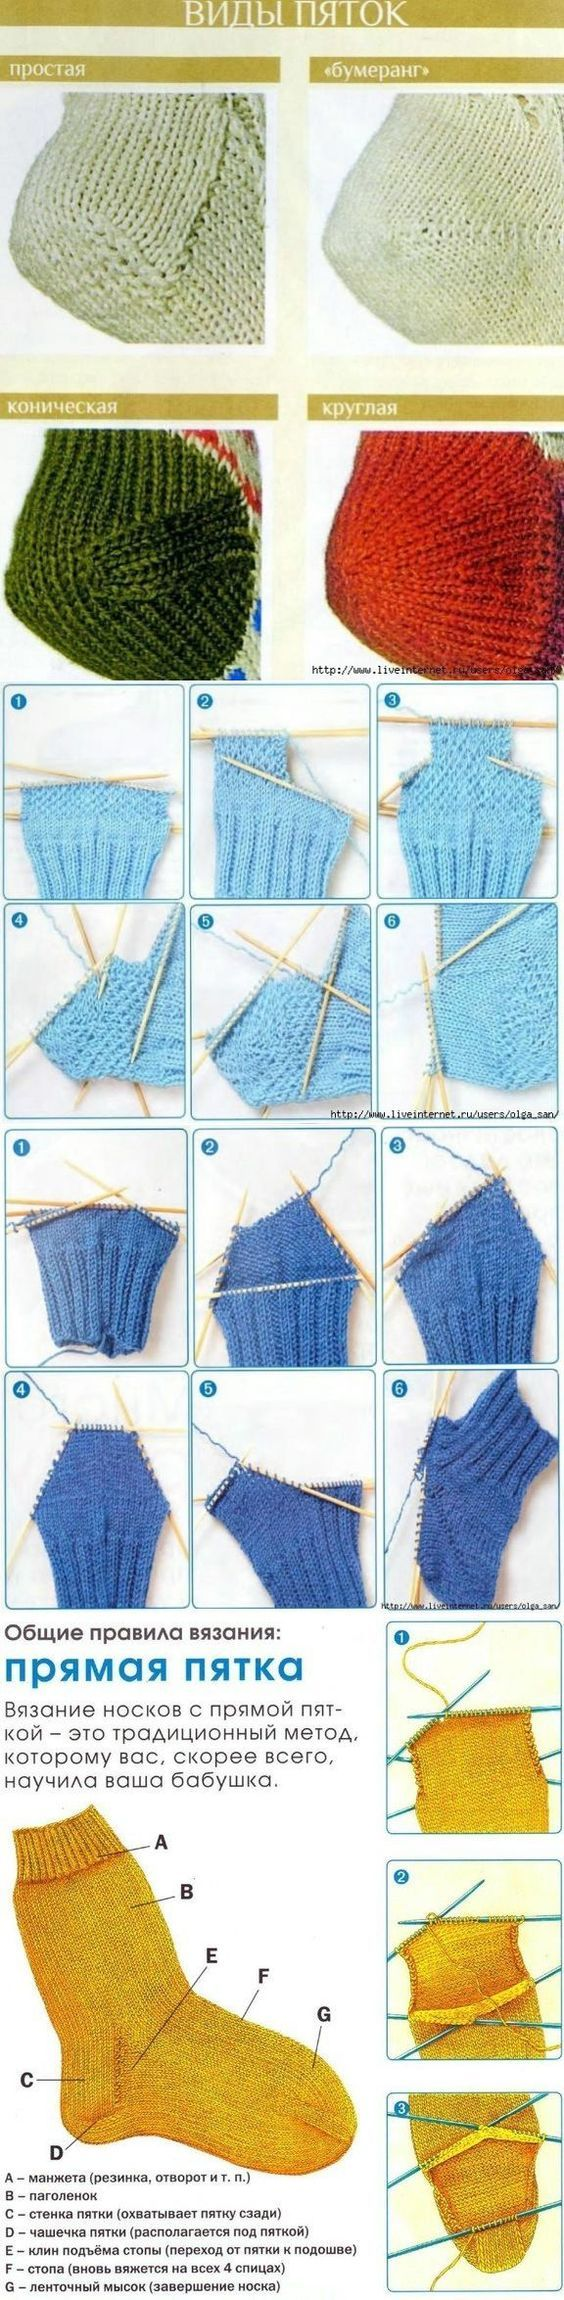 Как аязать капюшон по принуепу пятки носеа